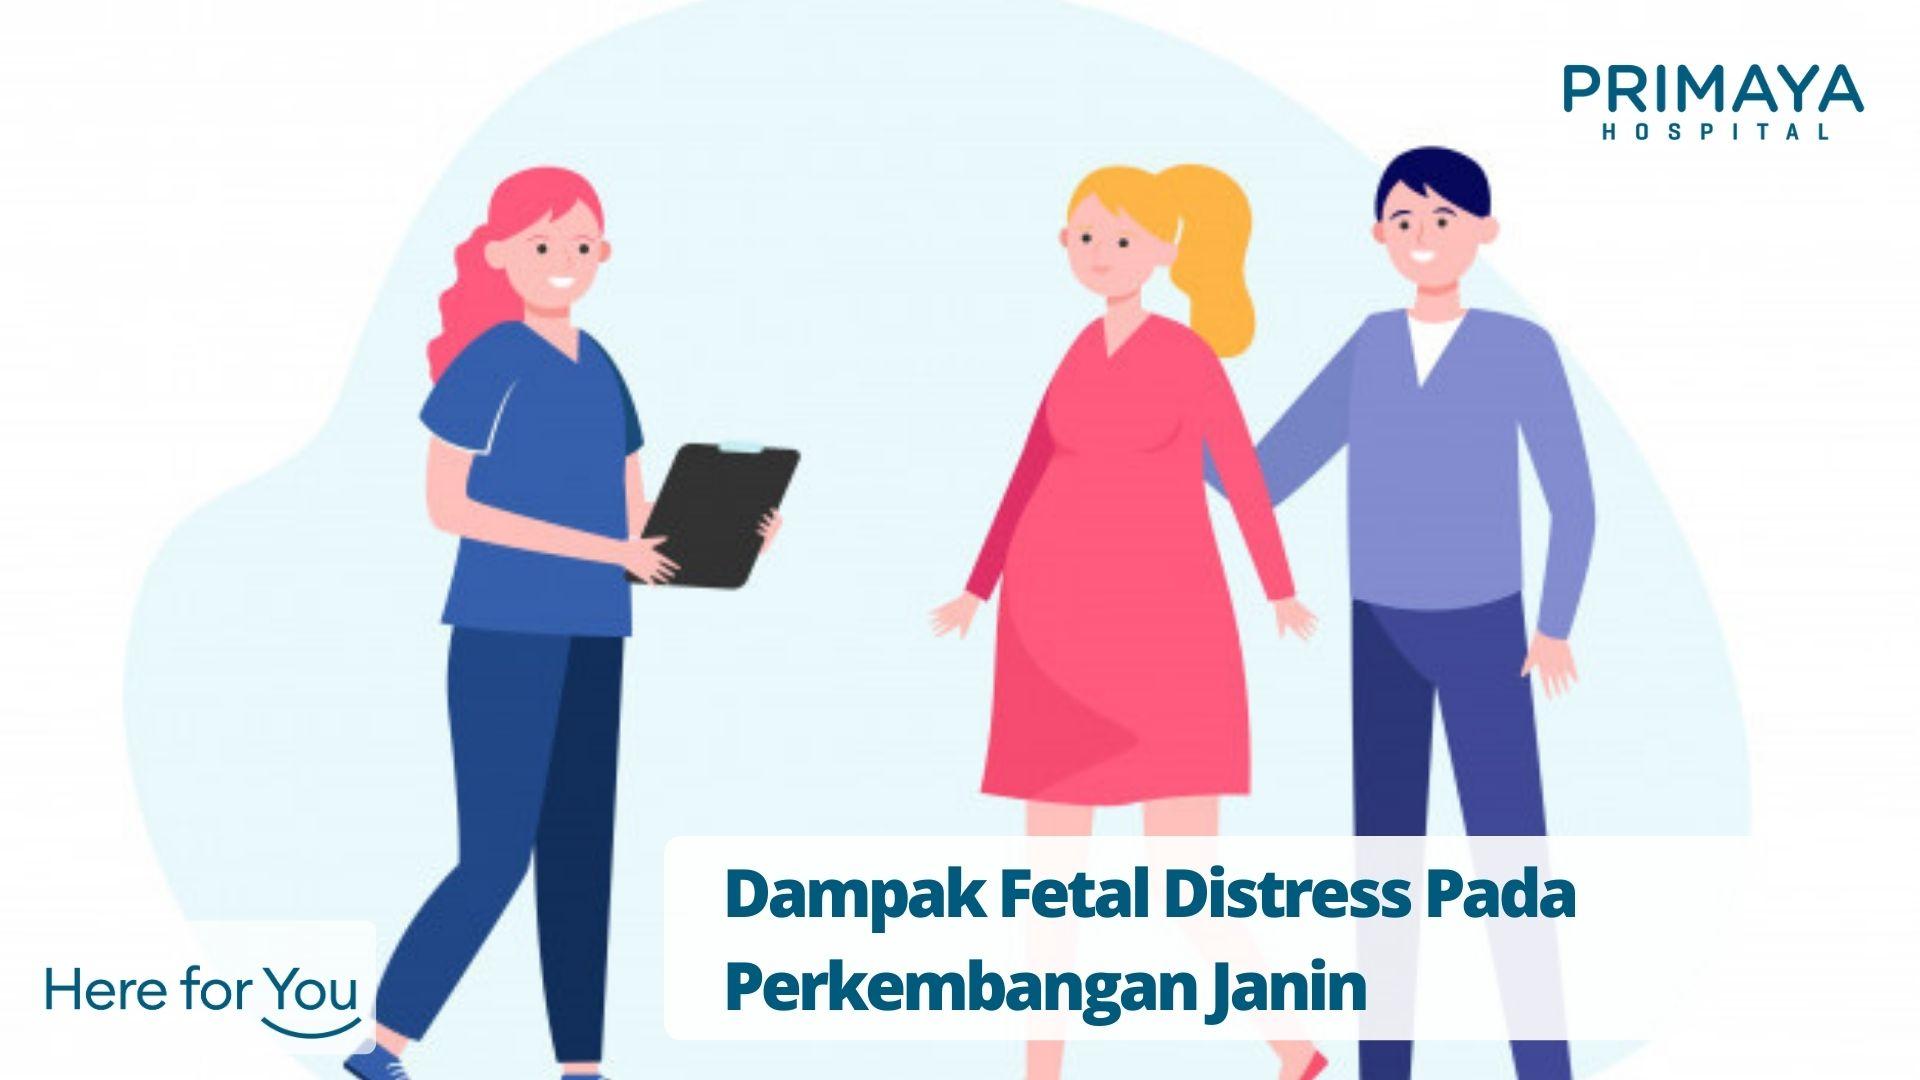 Dampak Fetal Distress Pada Perkembangan Janin